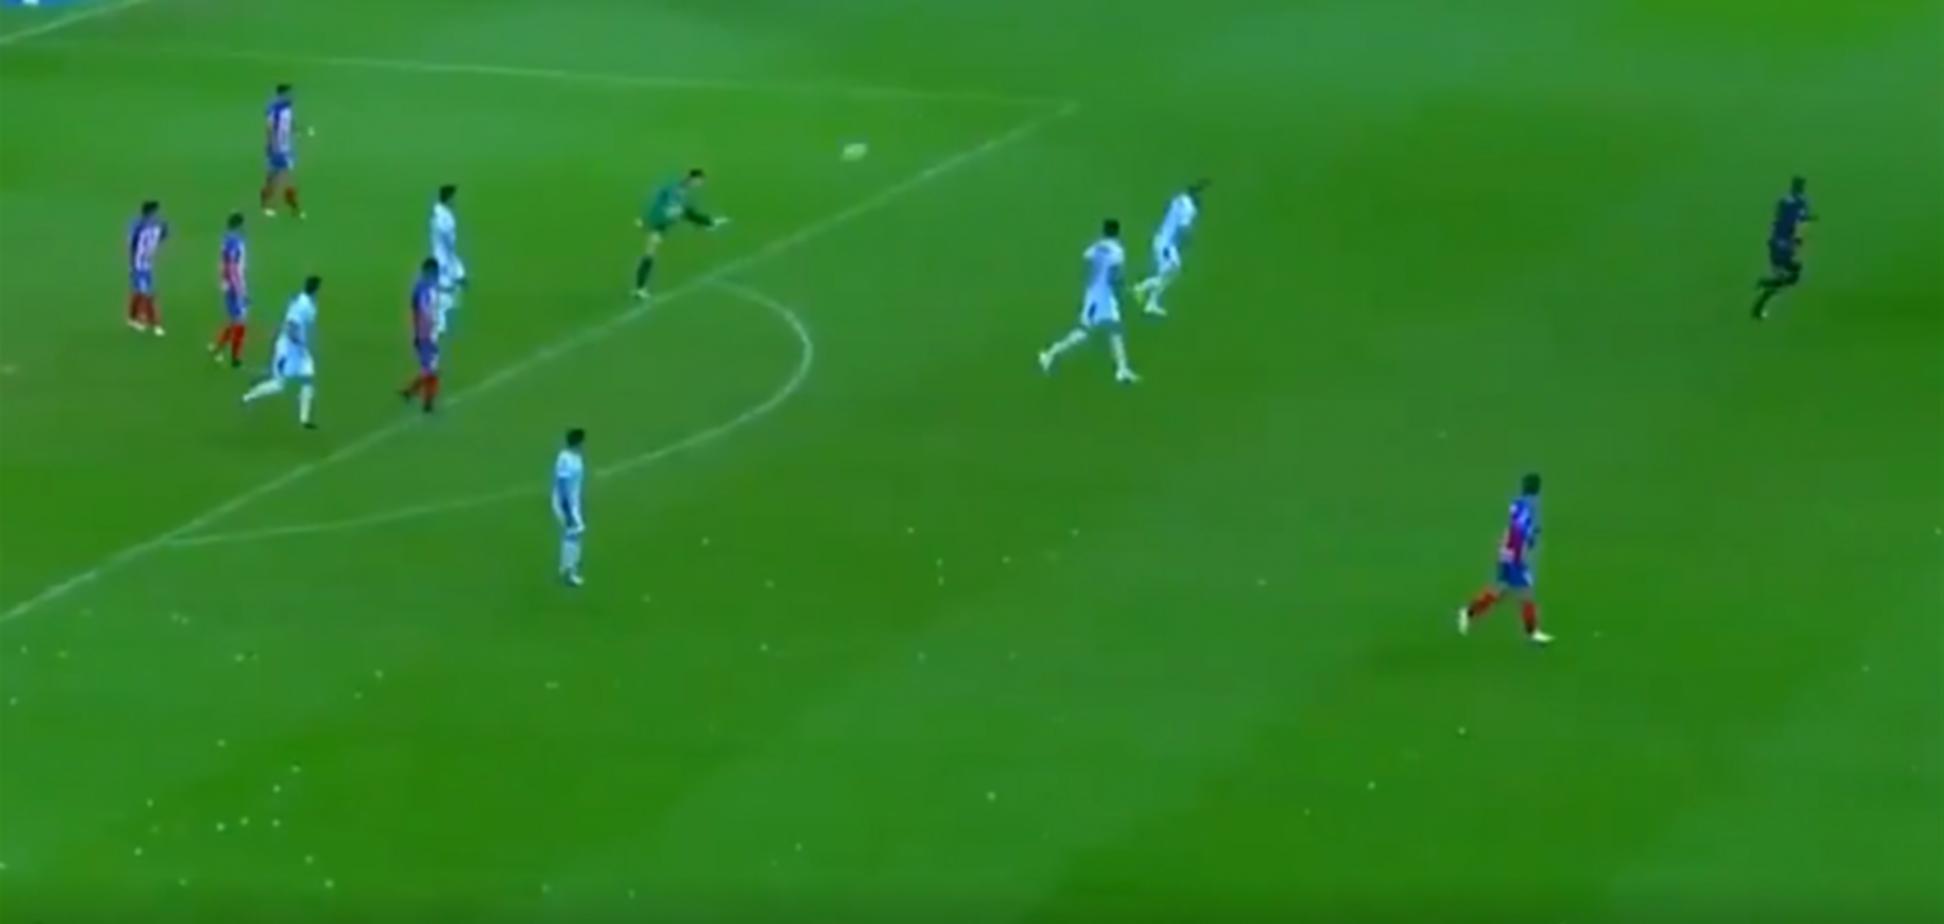 Вратарь забил сумасшедший гол ударом через все поле